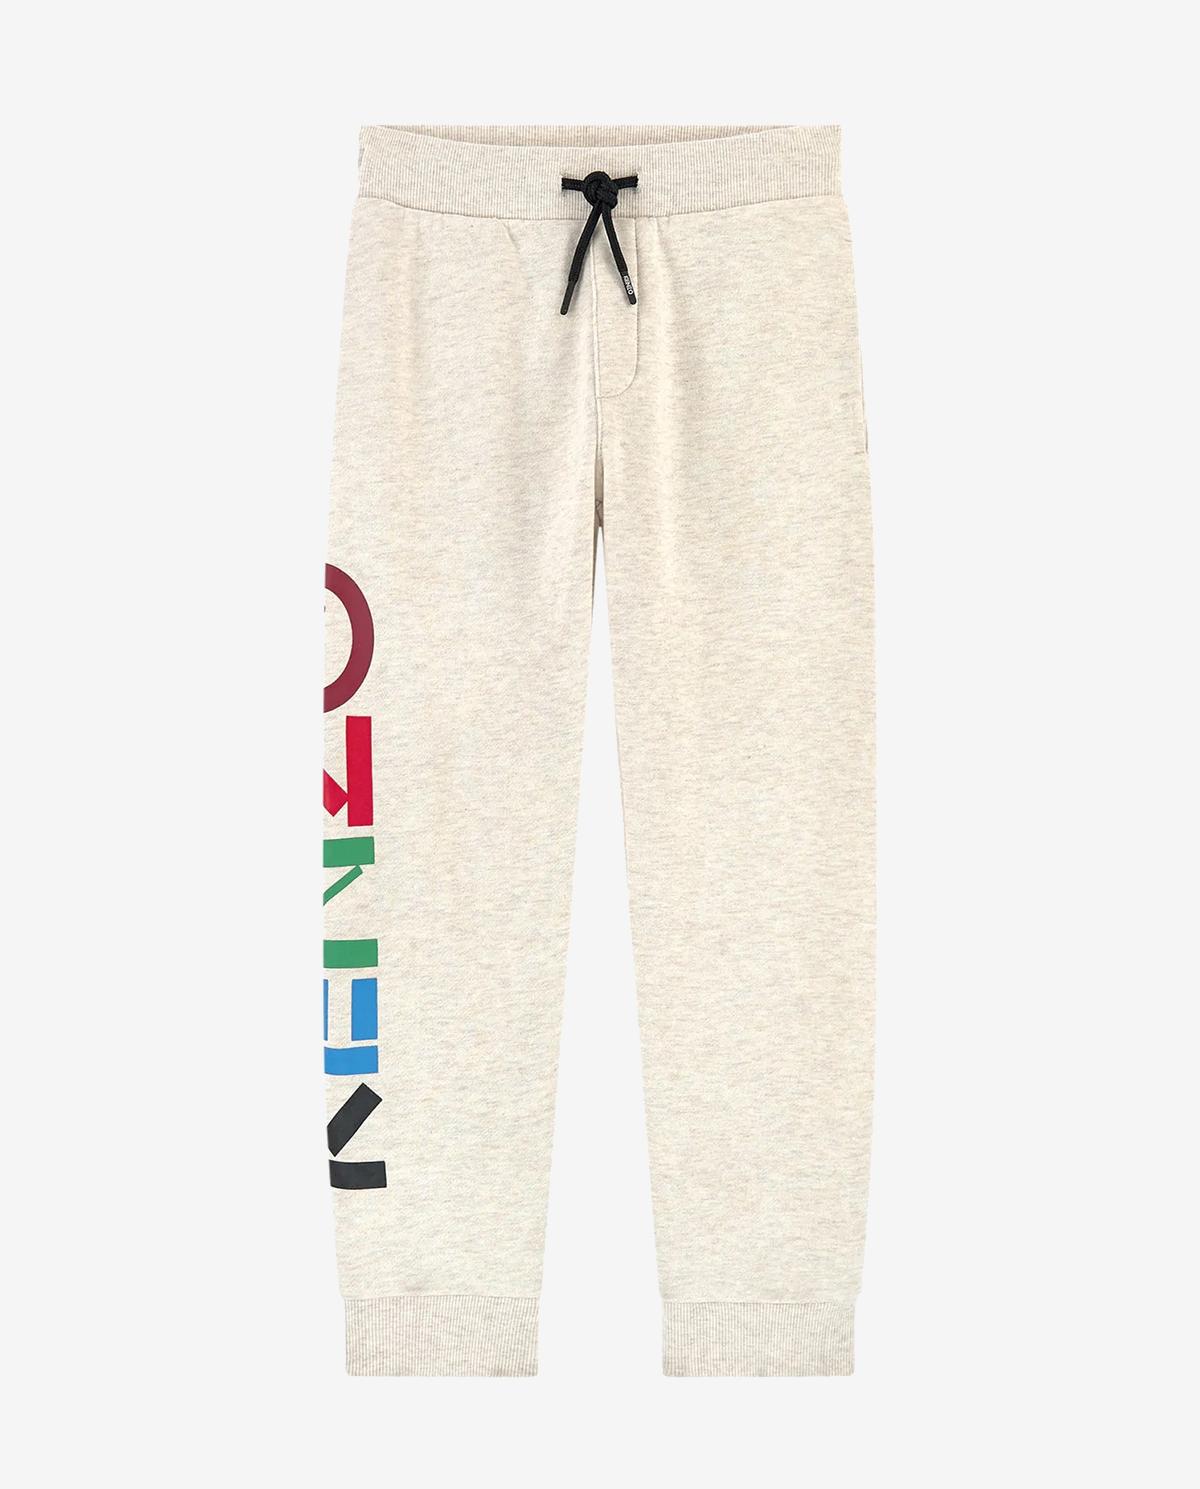 Beżowe spodnie dresowe z logo 2-12 lat Kenzo Kids KR23608 17